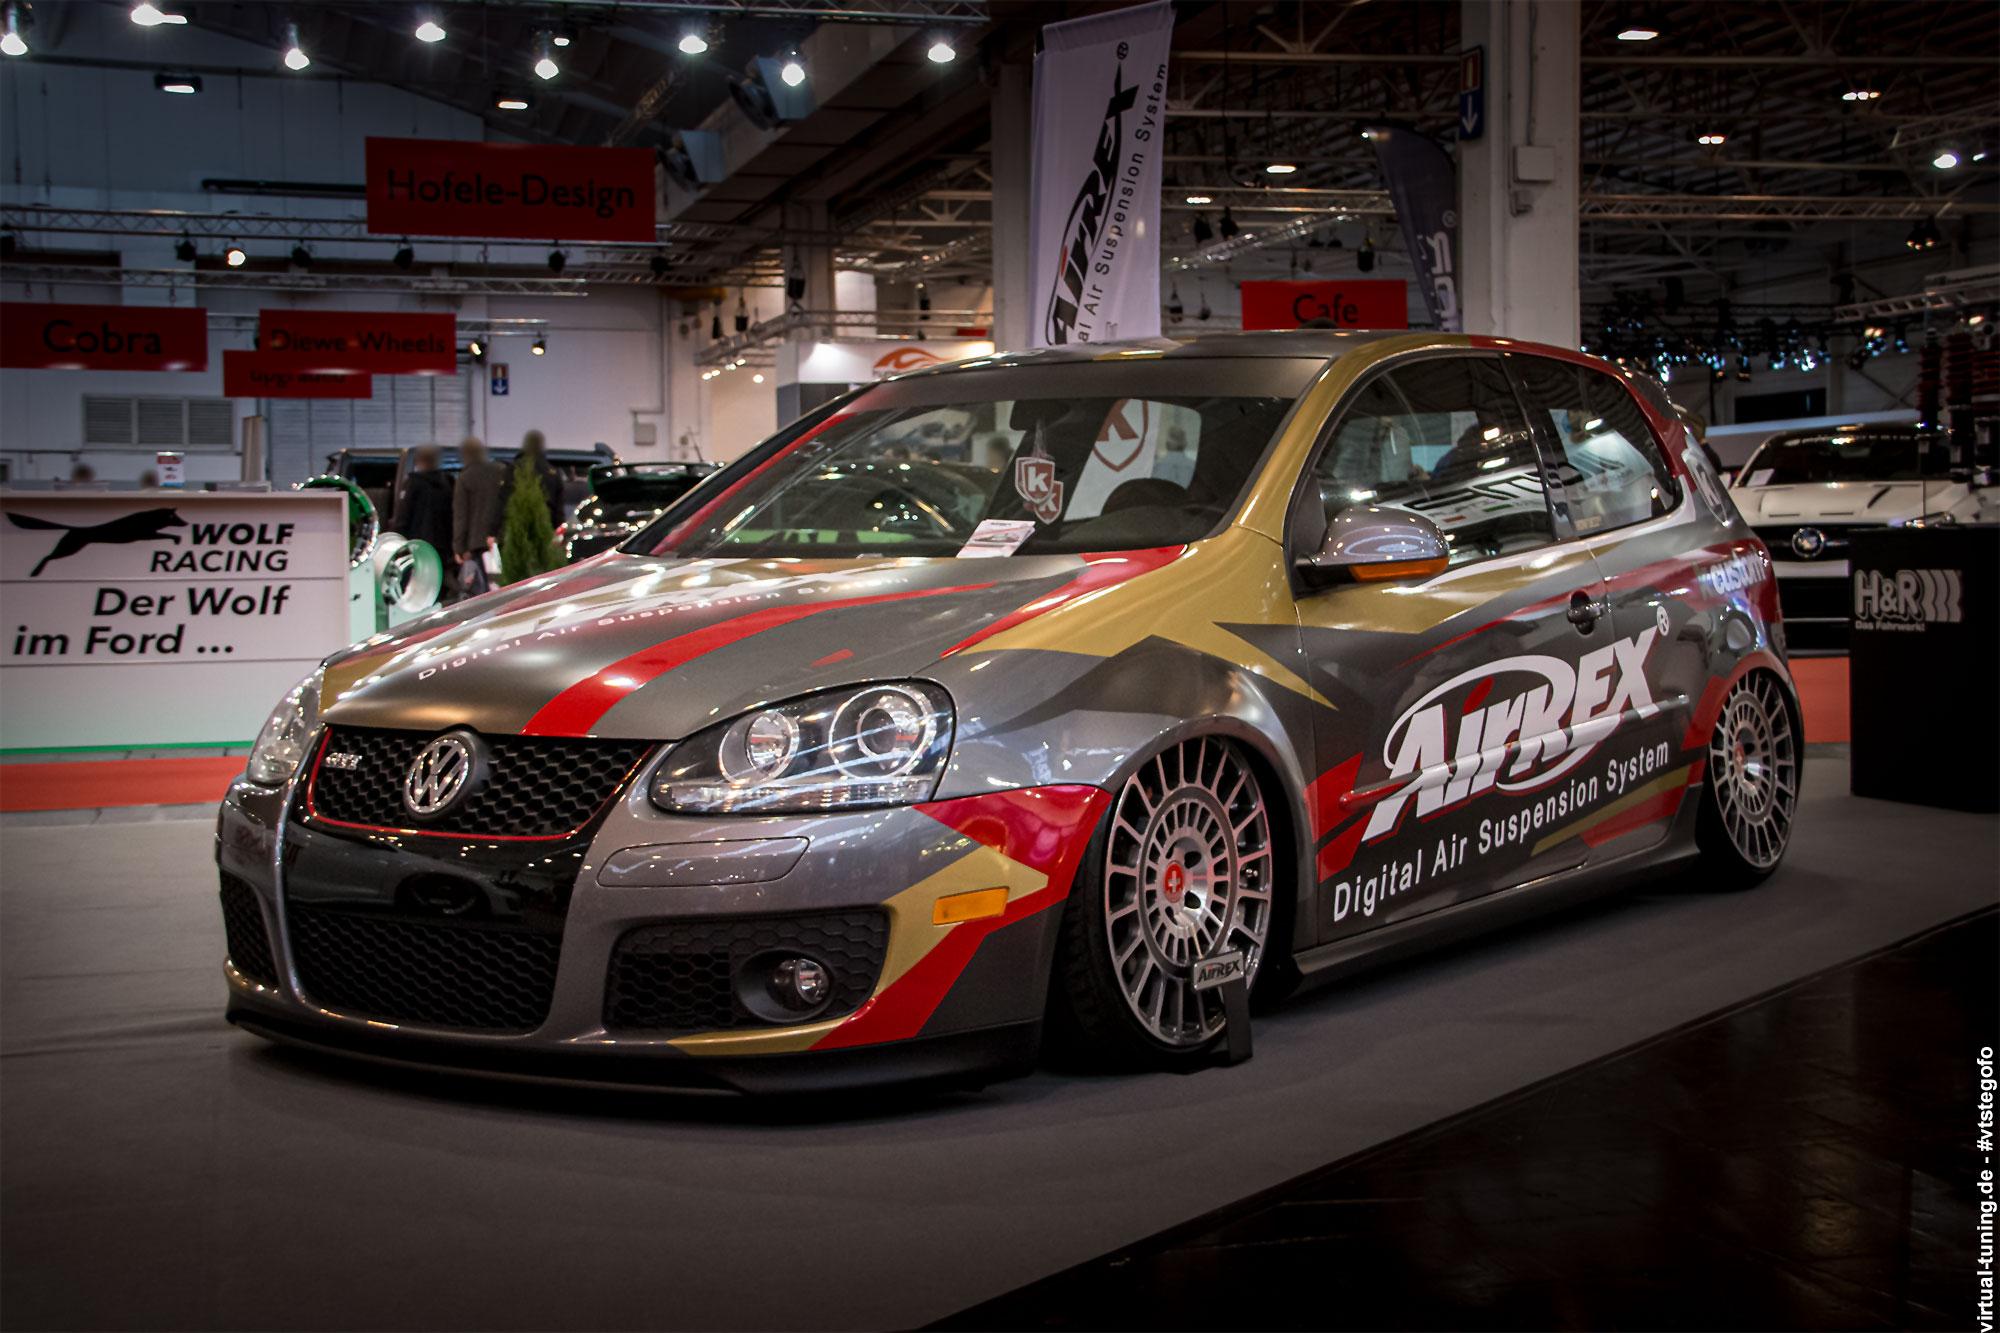 Volkswagen Golf 5 GTI - Essen Motor Show 2016